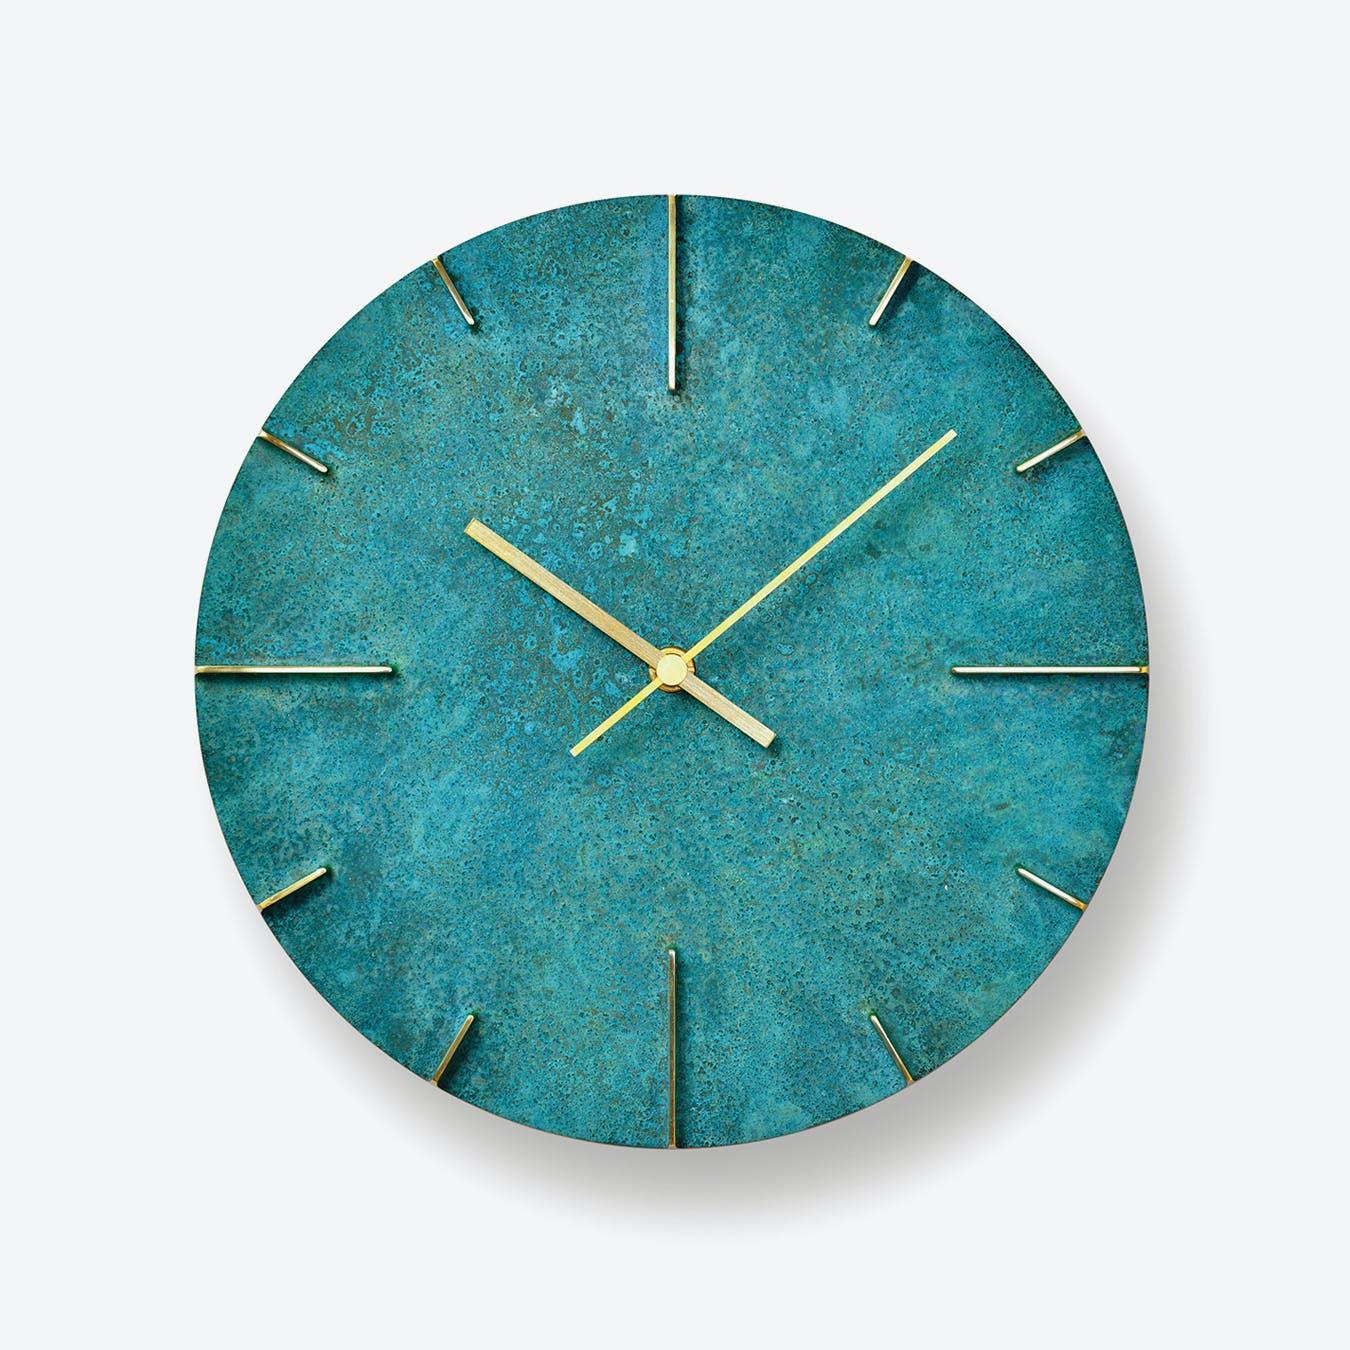 QUAINT Wall Clock / Green